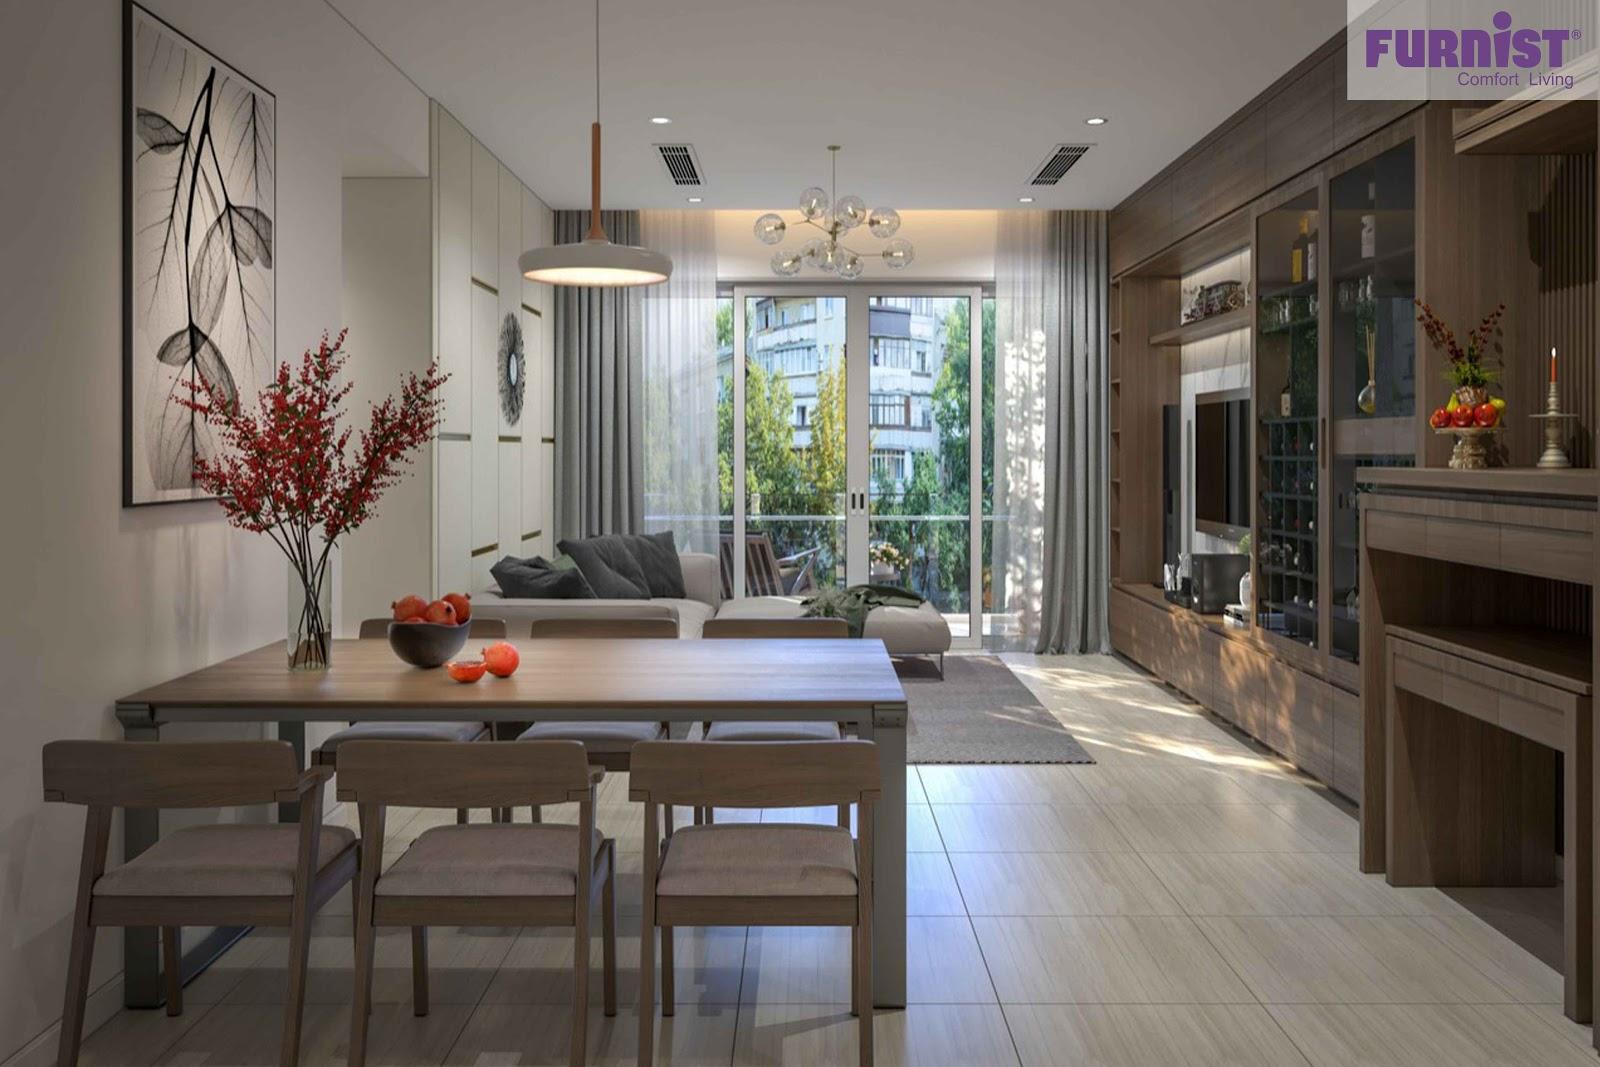 Quy trình cơ bản trong thiết kế thi công nội thất người chủ nhà nên biết